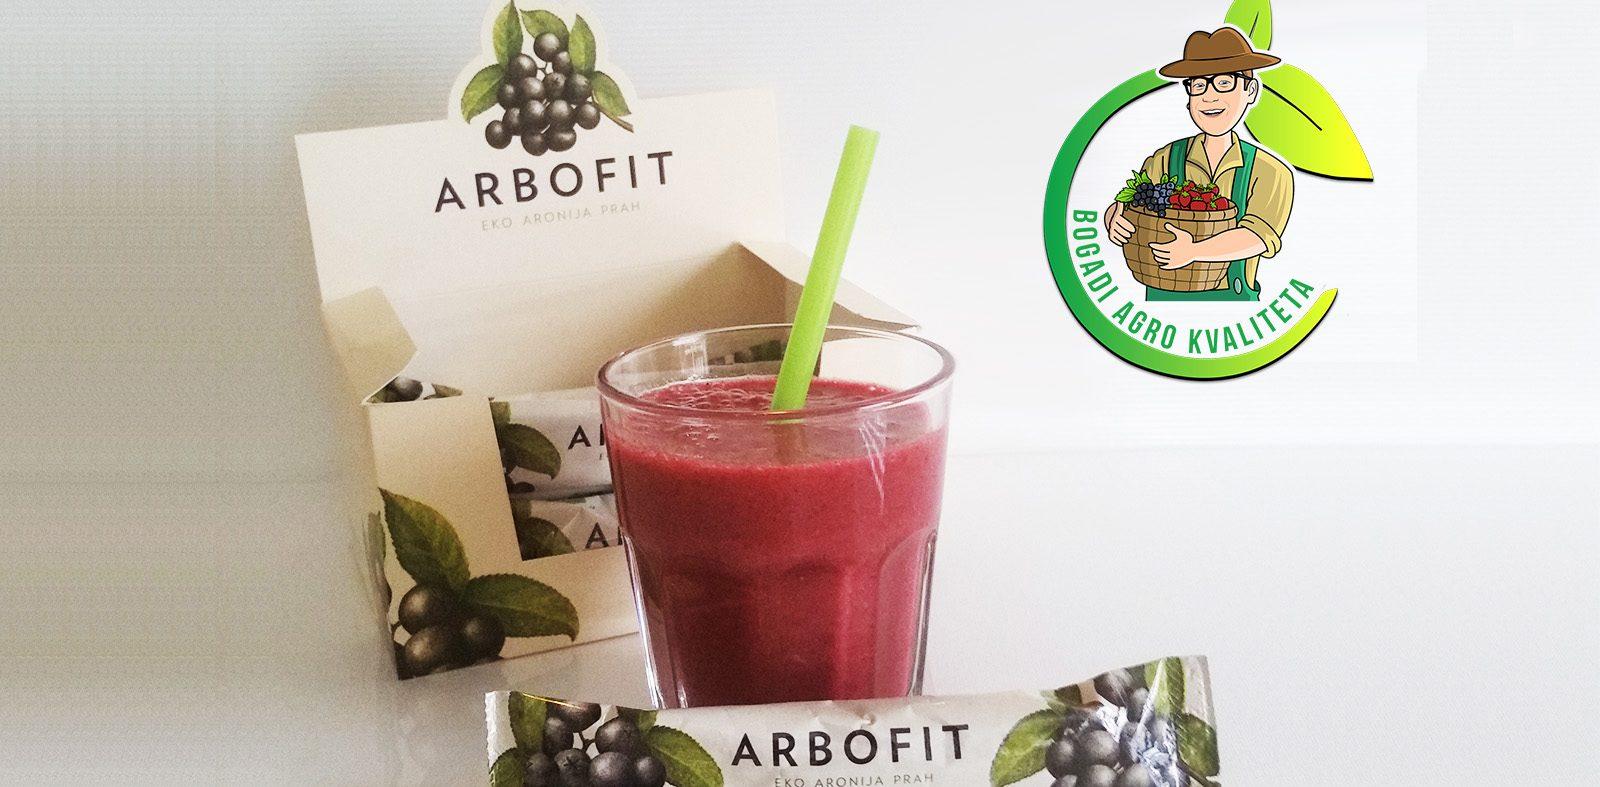 ARBOFIT - dodatak prehrani od aronije